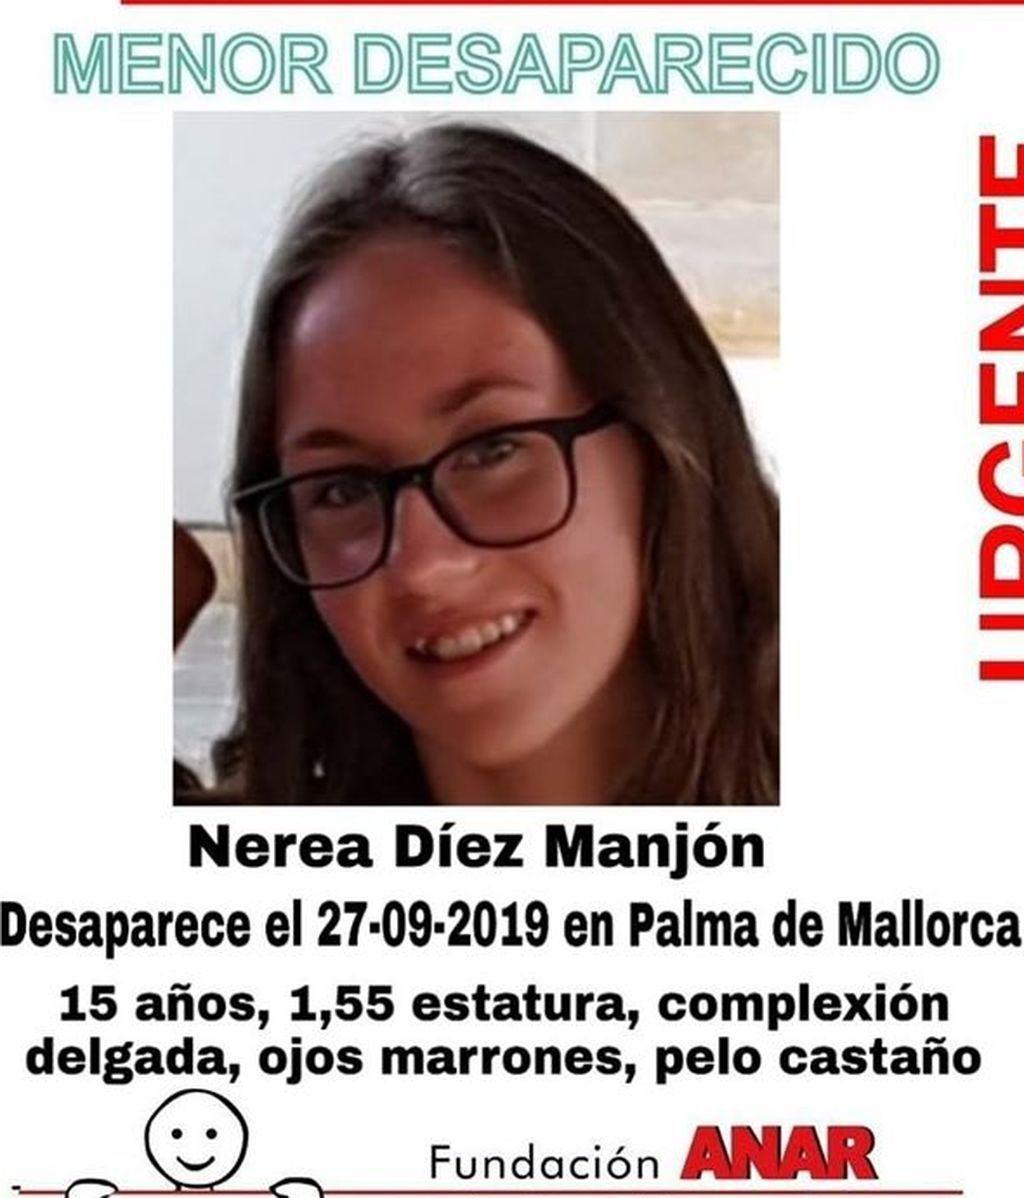 Piden colaboración ciudadana para localizar a una niña de 15 años desaparecida en septiembre en Palma